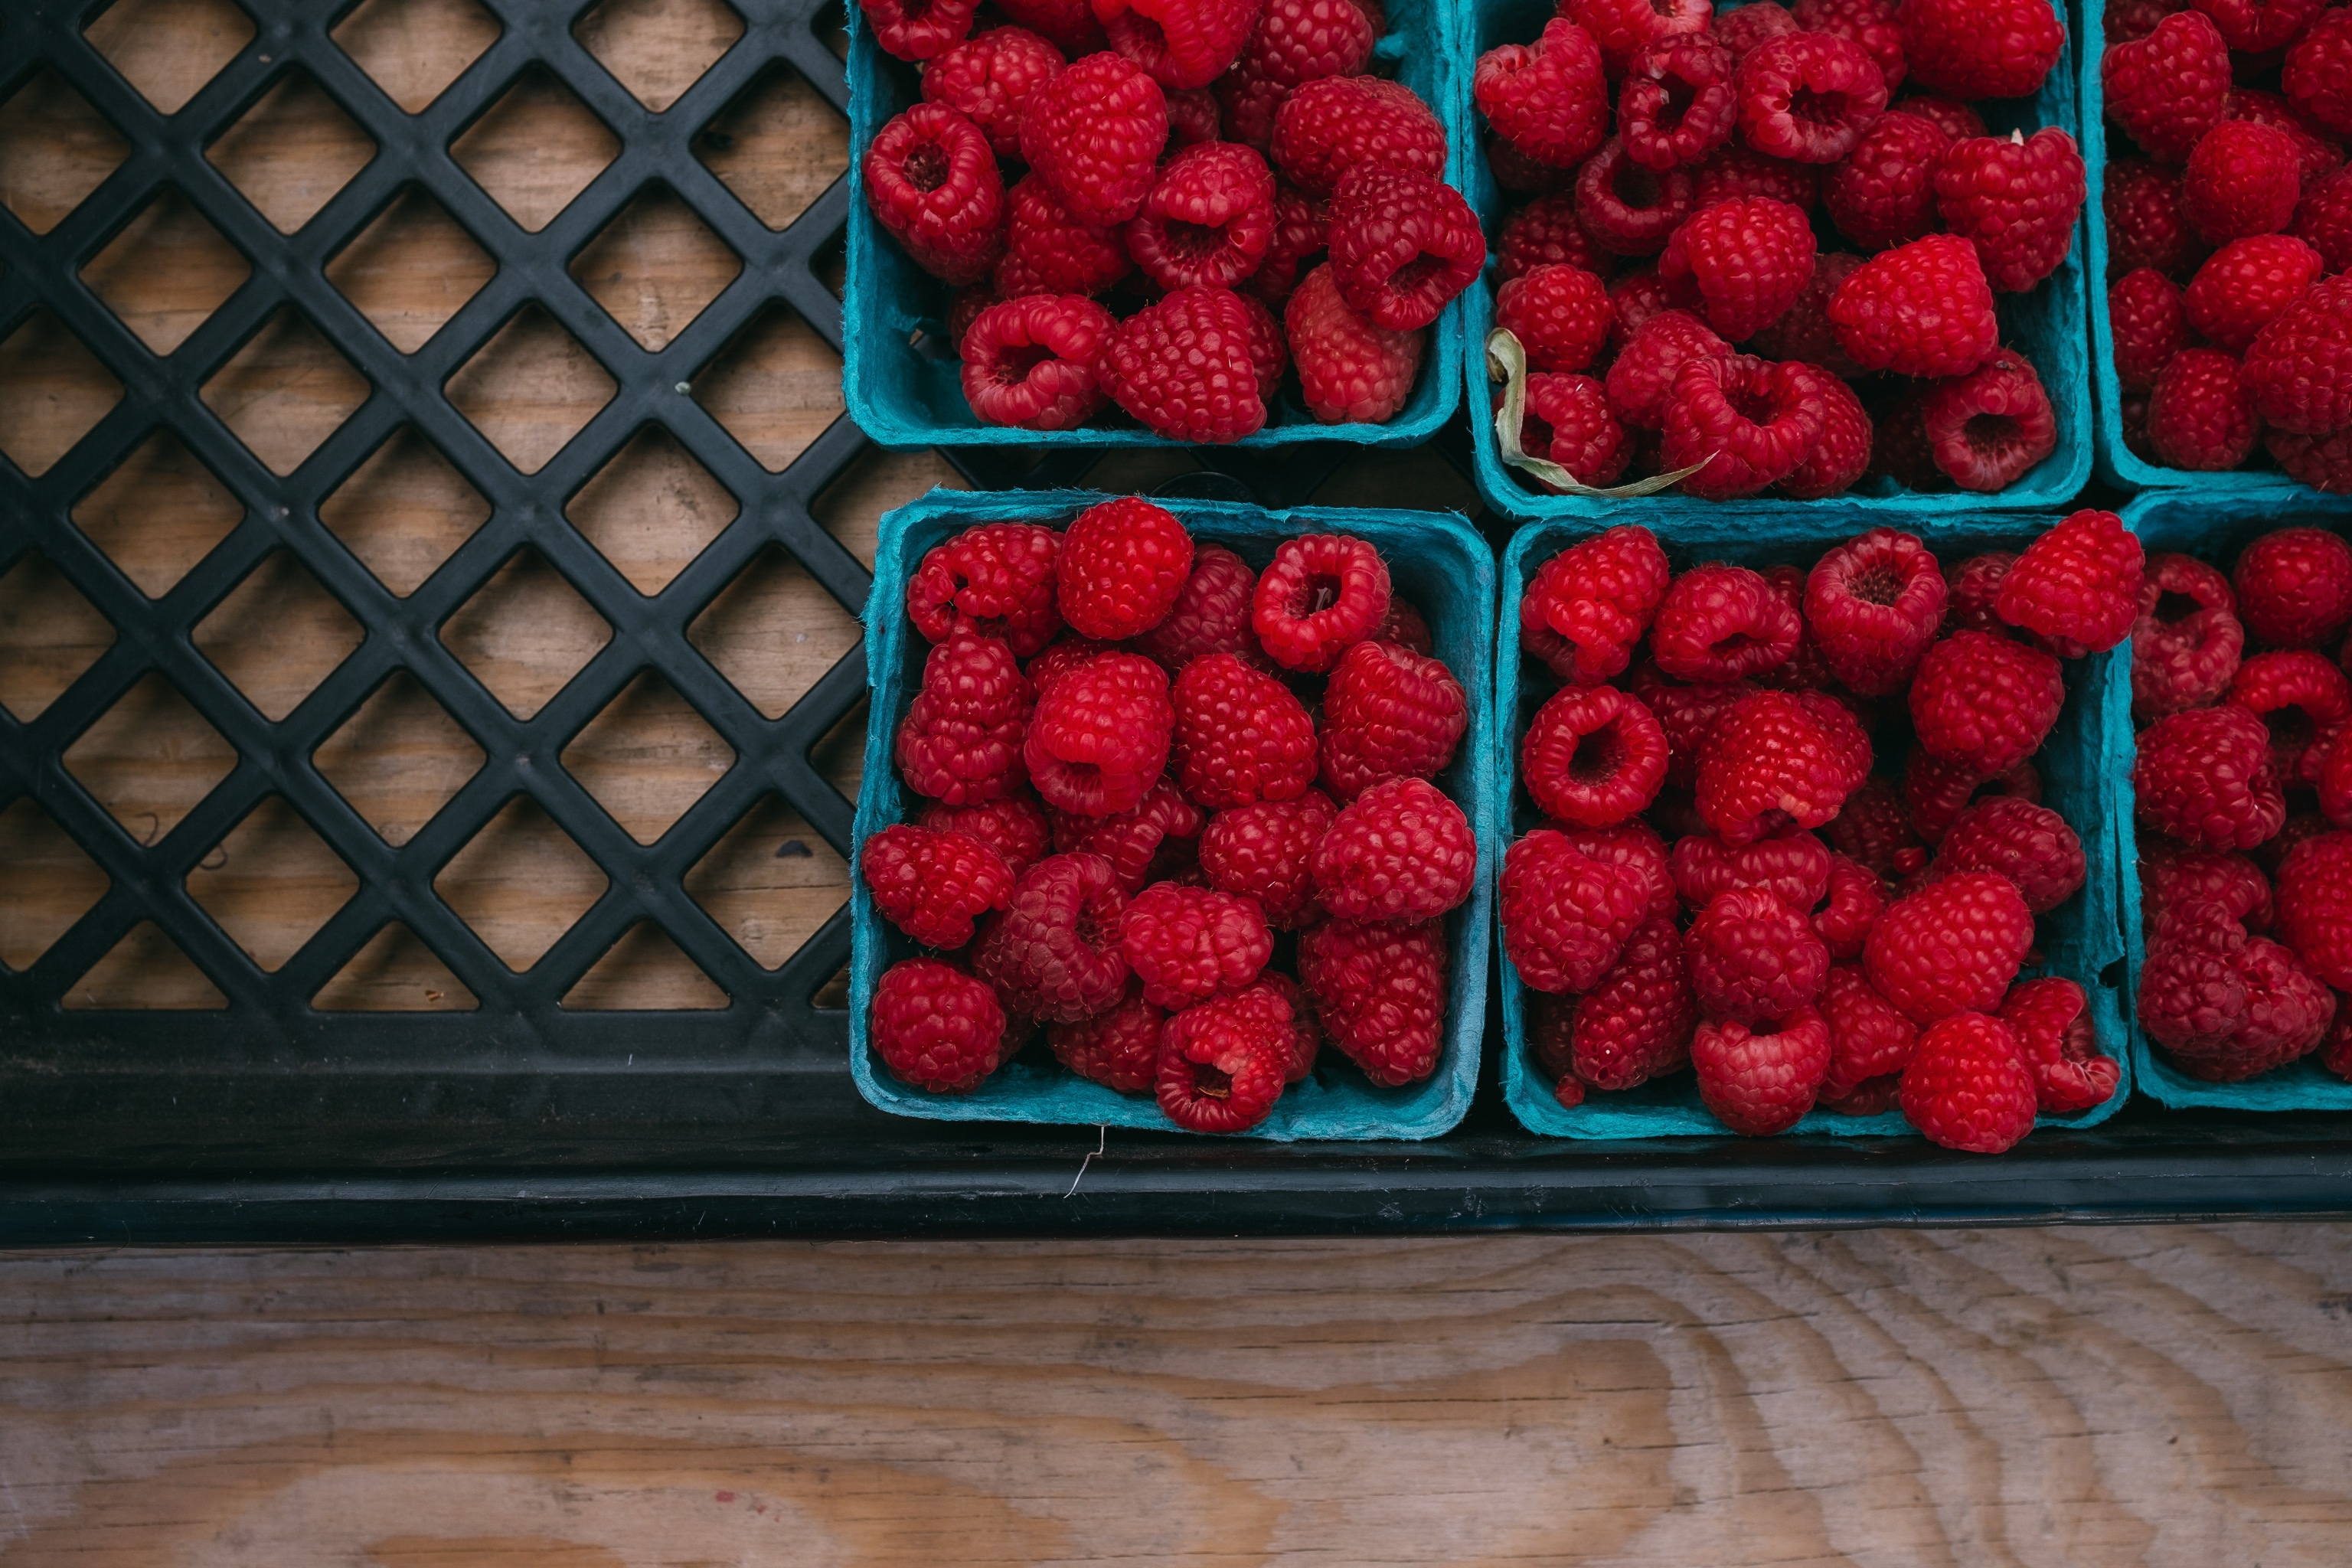 raspberries make you poop